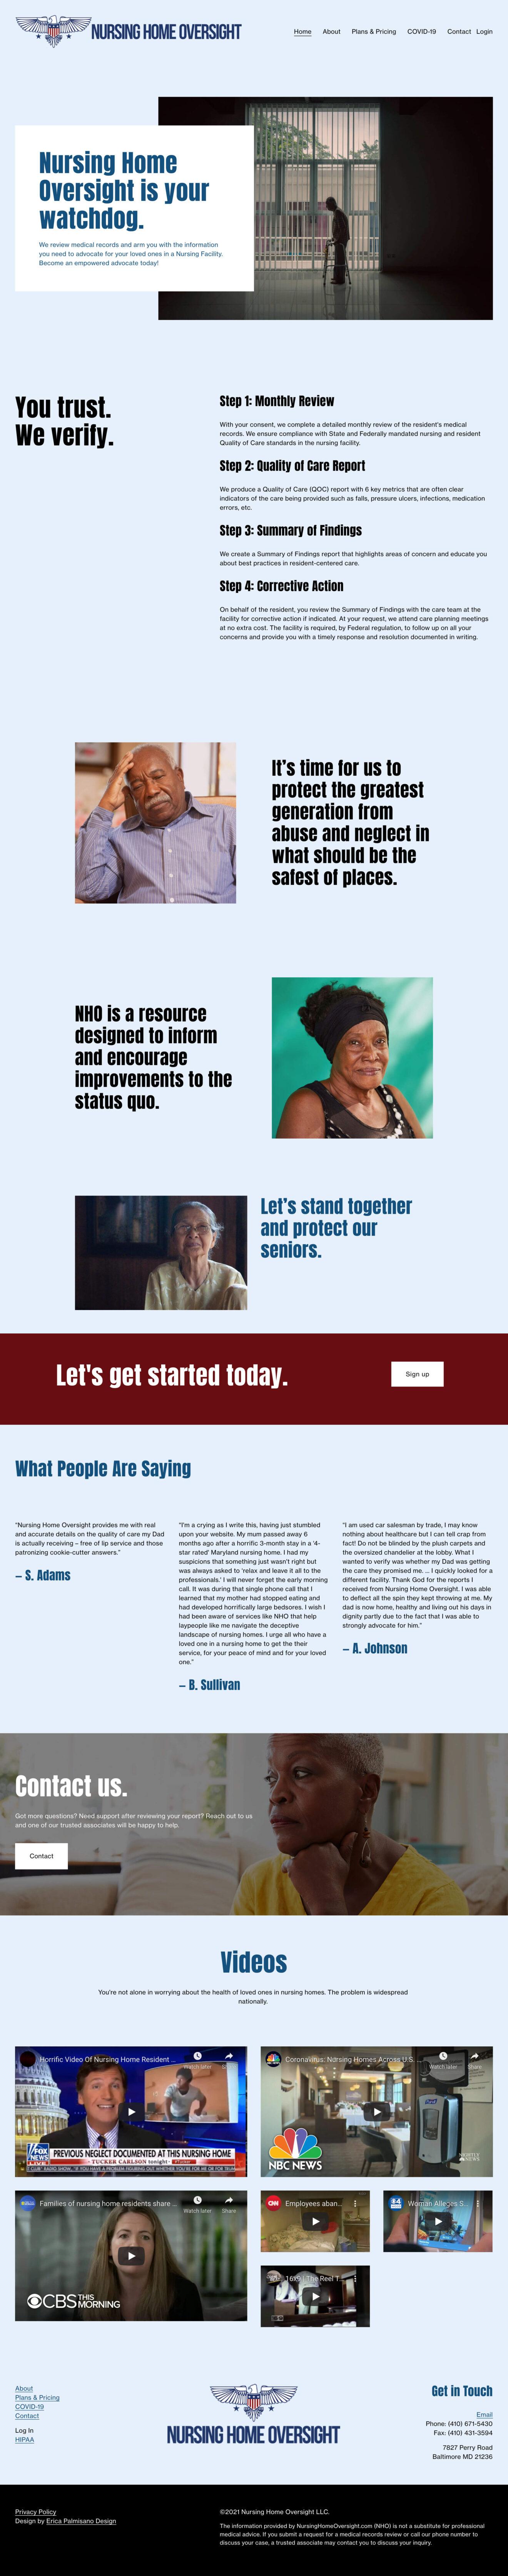 A screenshot of the homepage for nursinghomeoversight.com